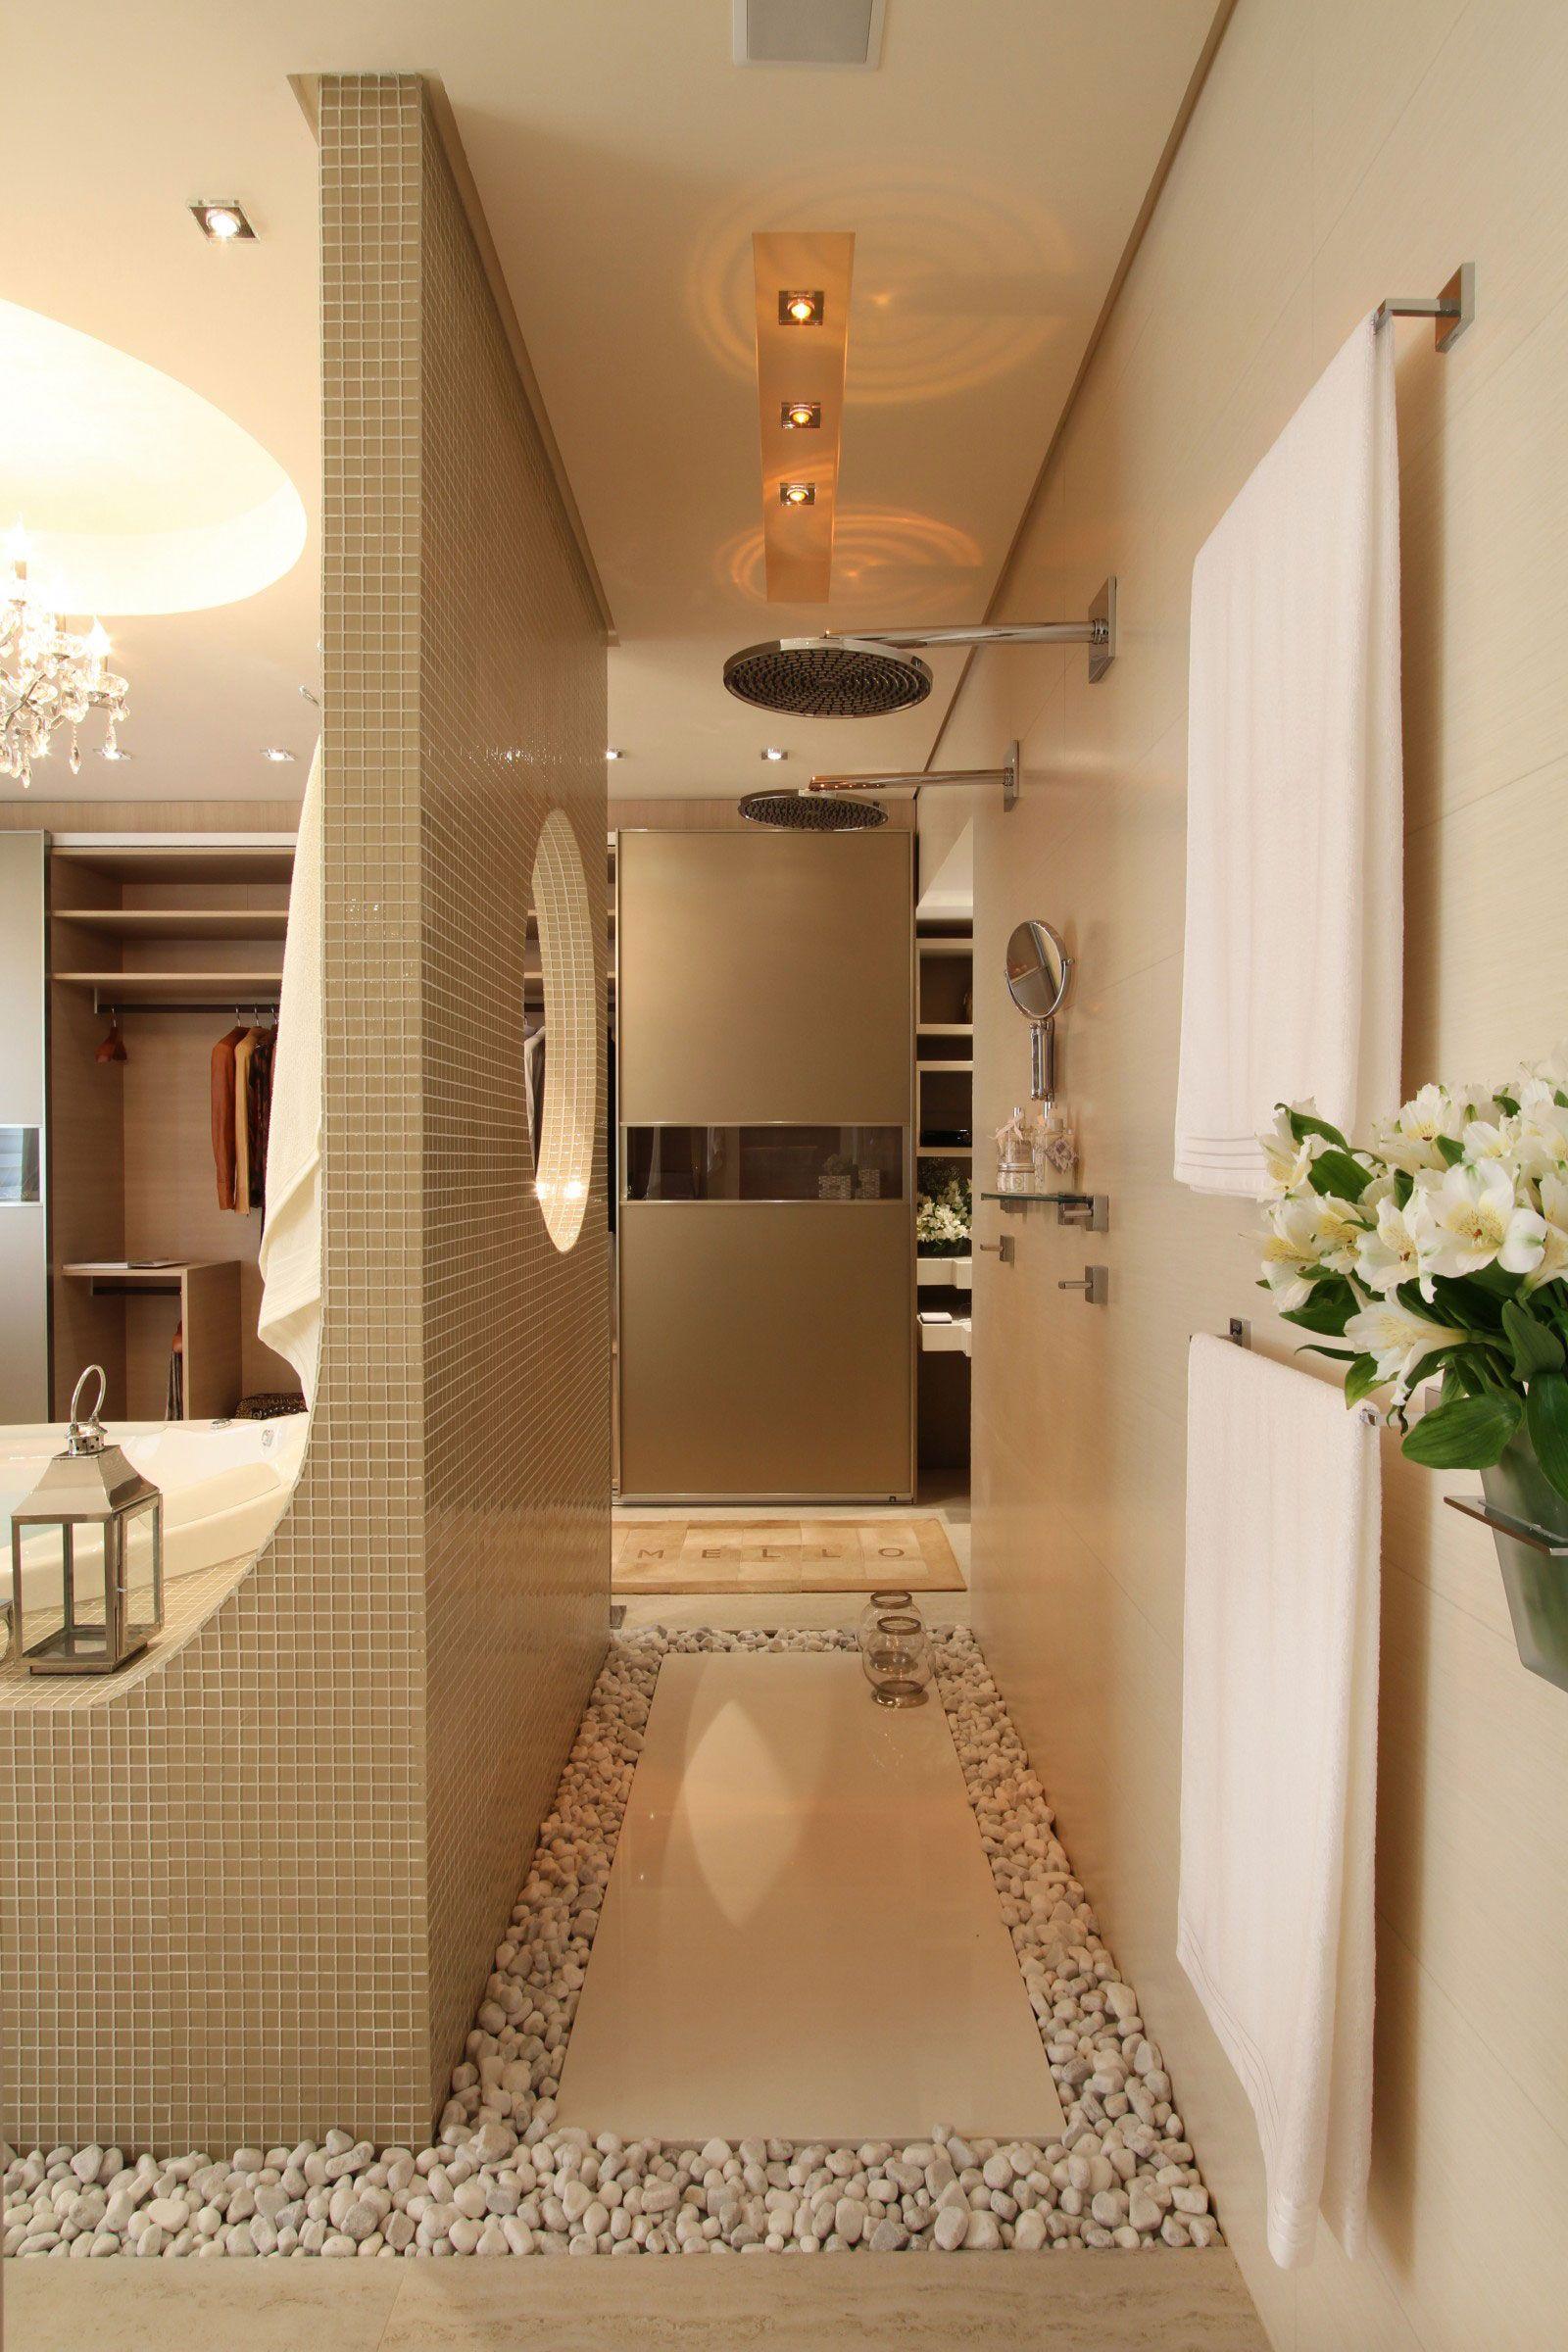 Os chuveiros ficam em uma localização privilegiada e são decorados por pedrinhas no piso.